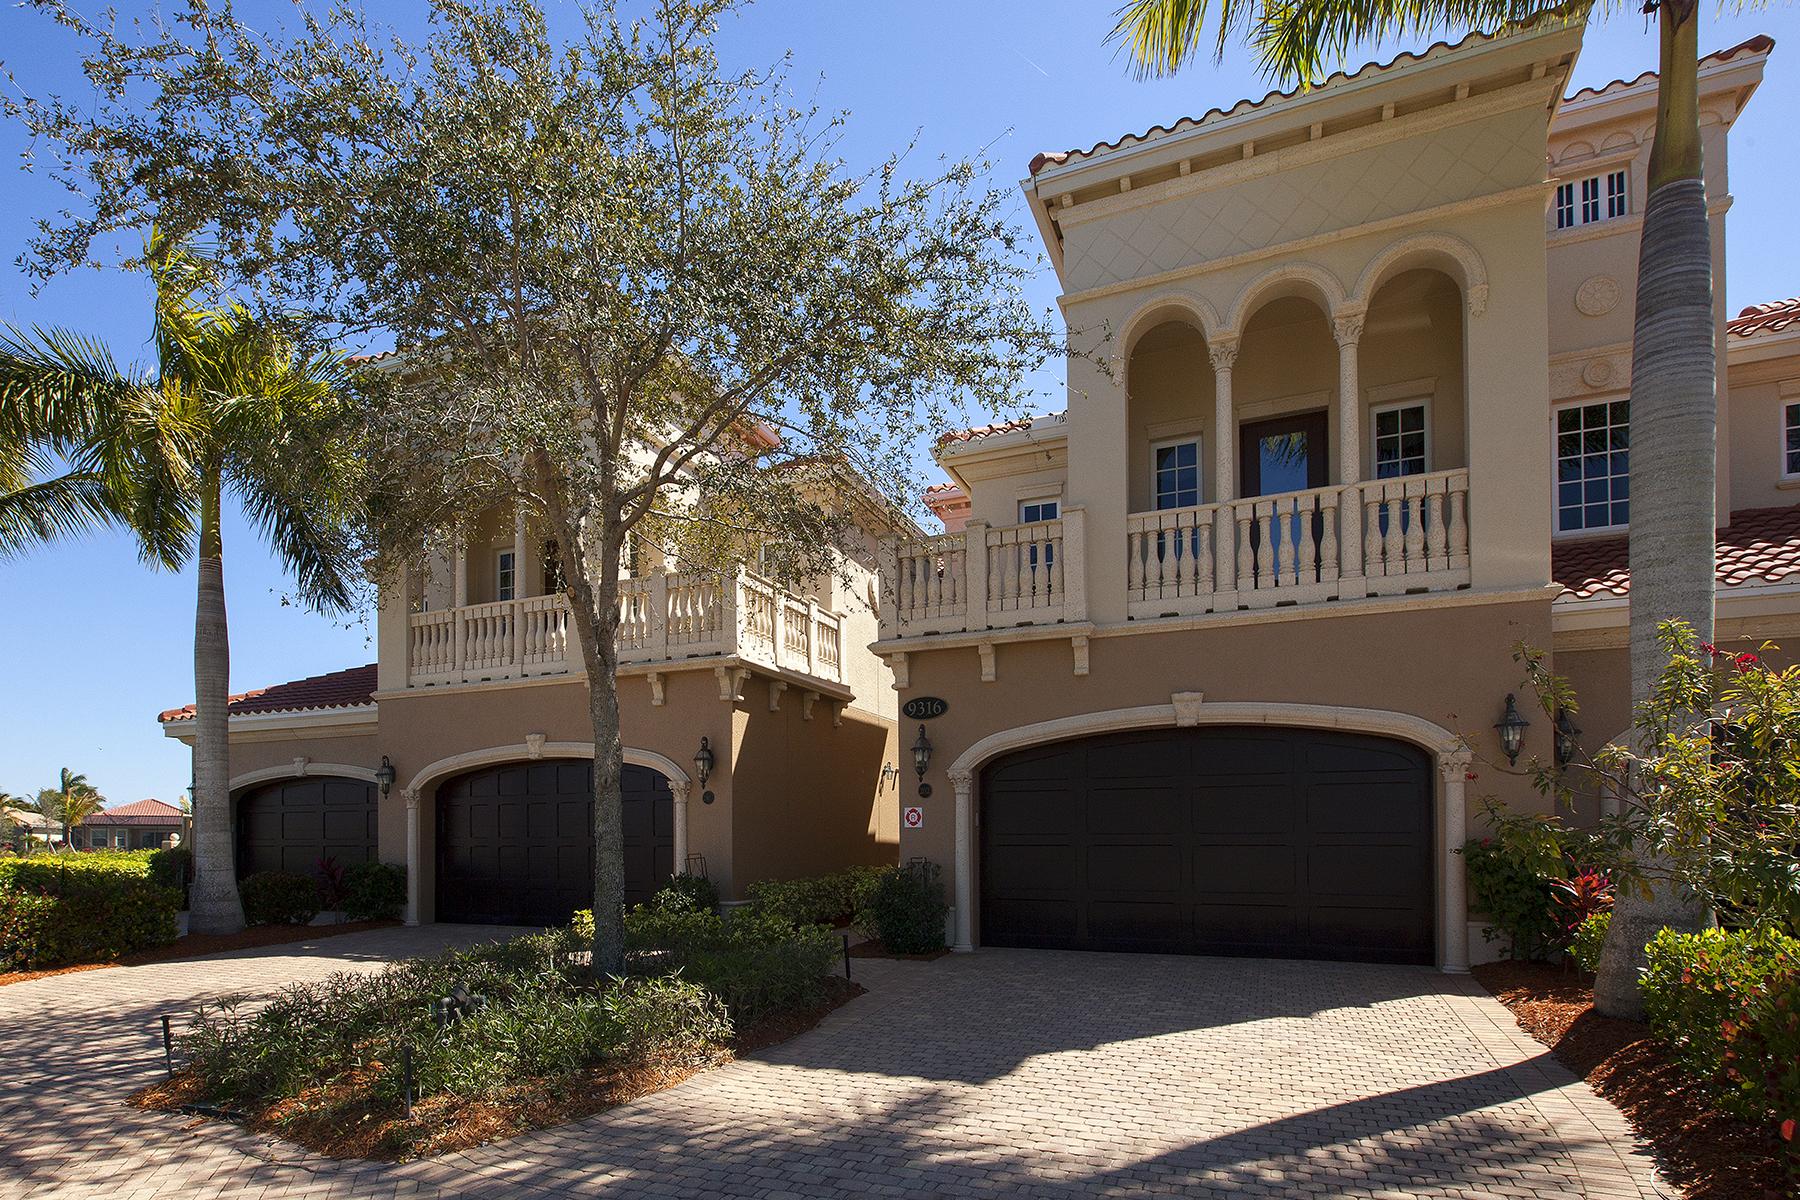 Кооперативная квартира для того Продажа на FIDDLER'S CREEK - MENAGGIO 9316 Menaggio Ct 202 Naples, Флорида 34114 Соединенные Штаты